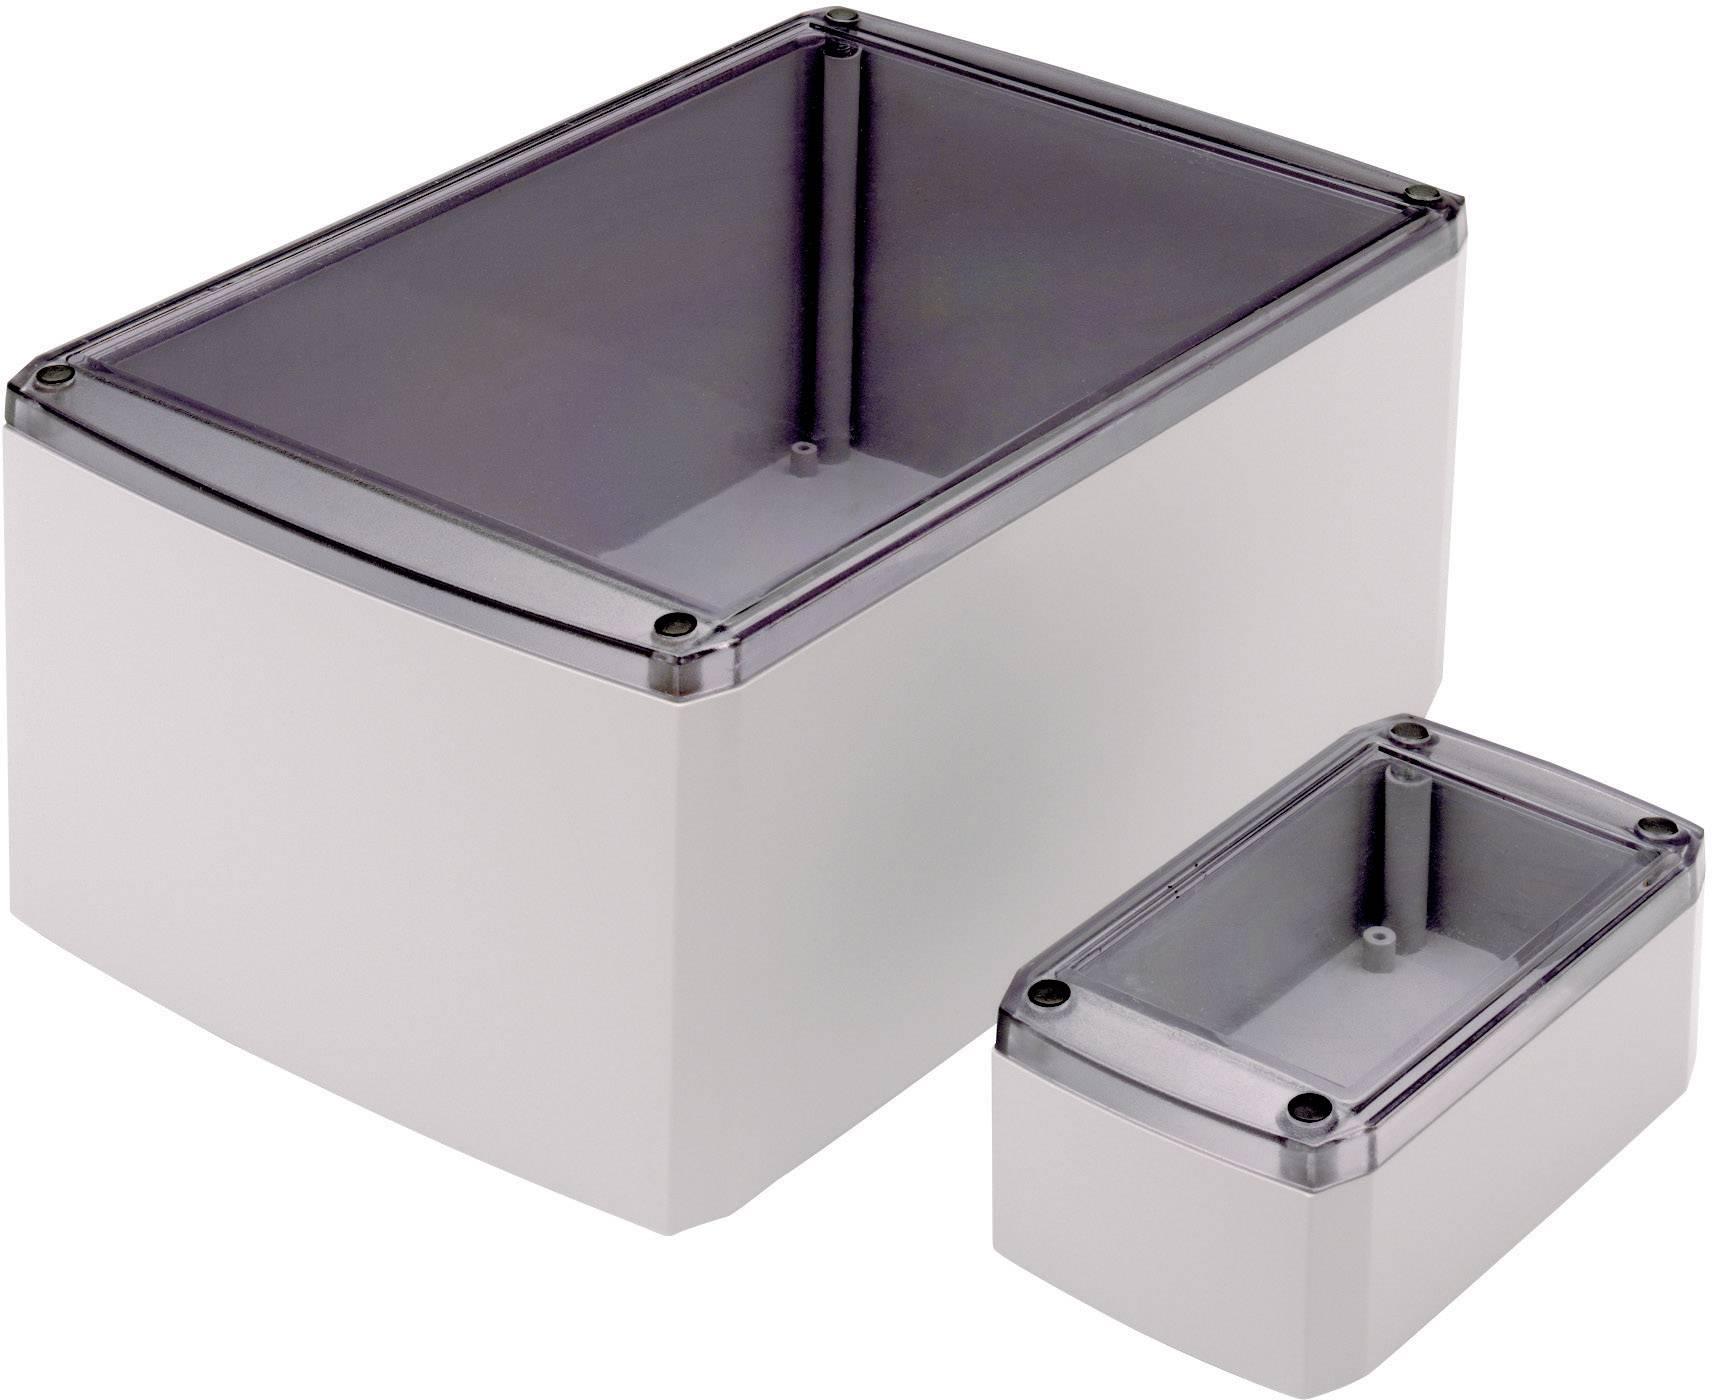 Univerzální pouzdro ABS Axxatronic, (d x š x v) 155 x 95 x 60 mm, šedá